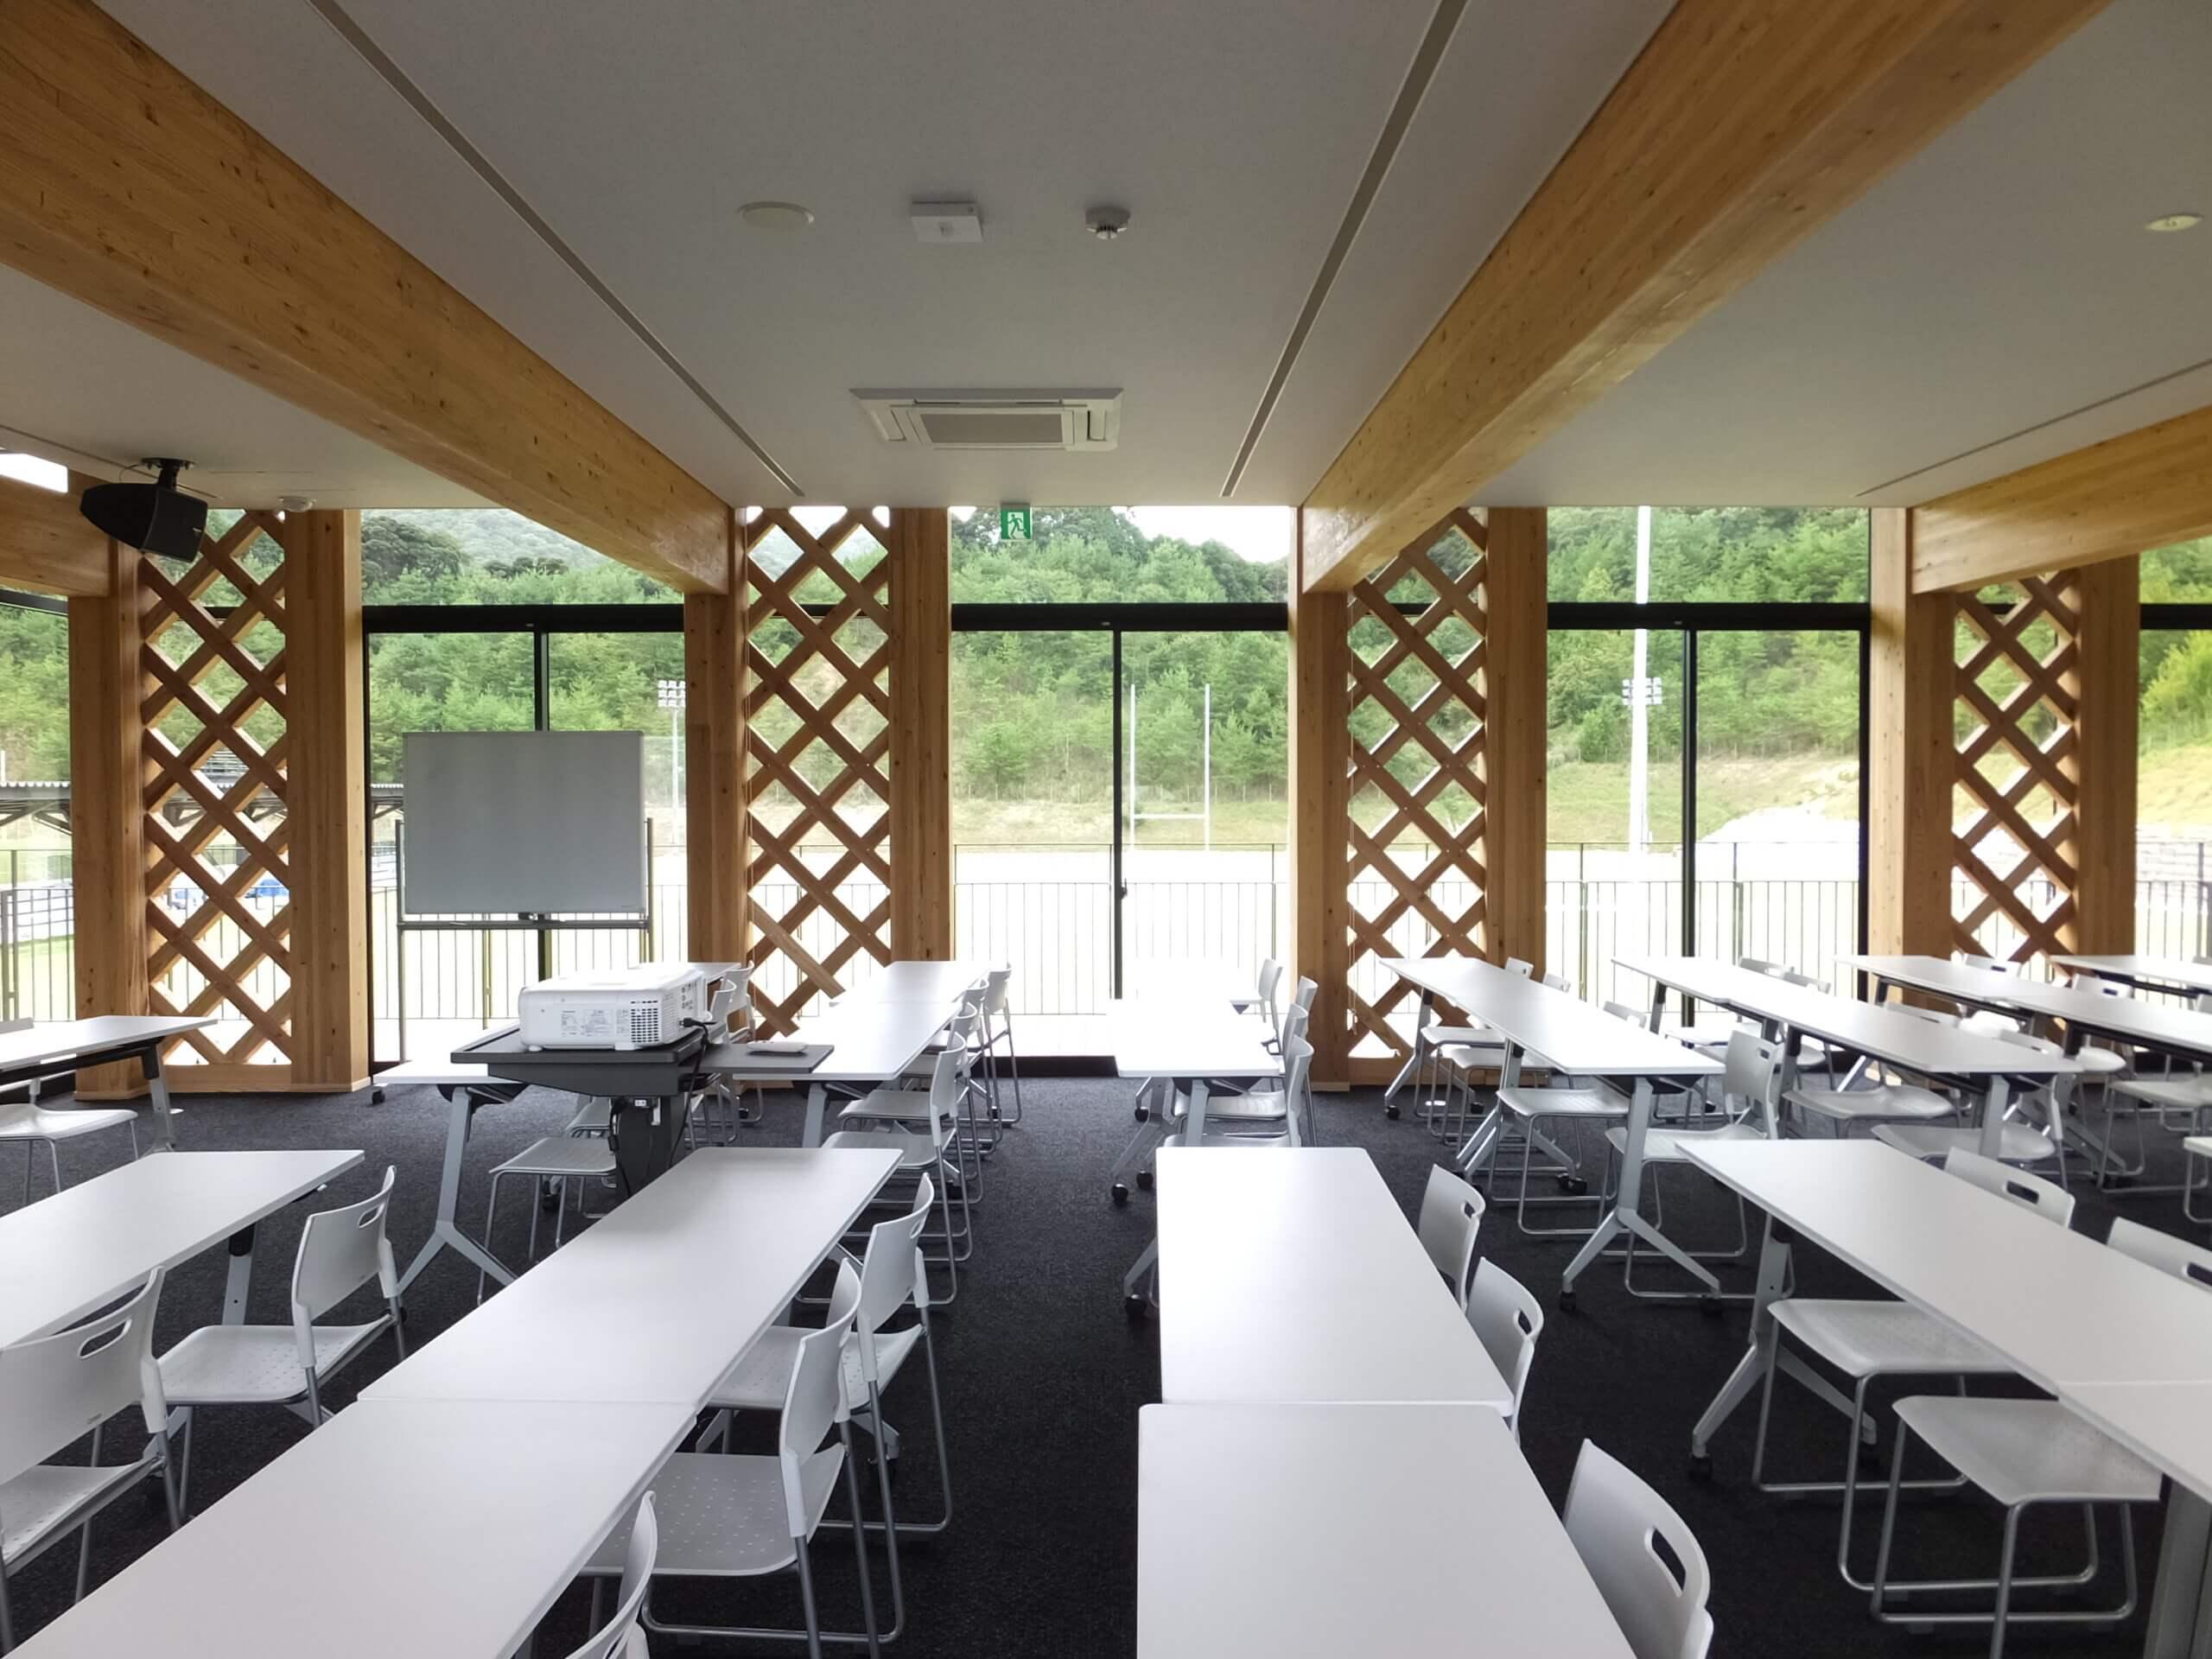 木造建築の施工事例:長門市俵山多目的交流広場 クラブハウス 8枚目